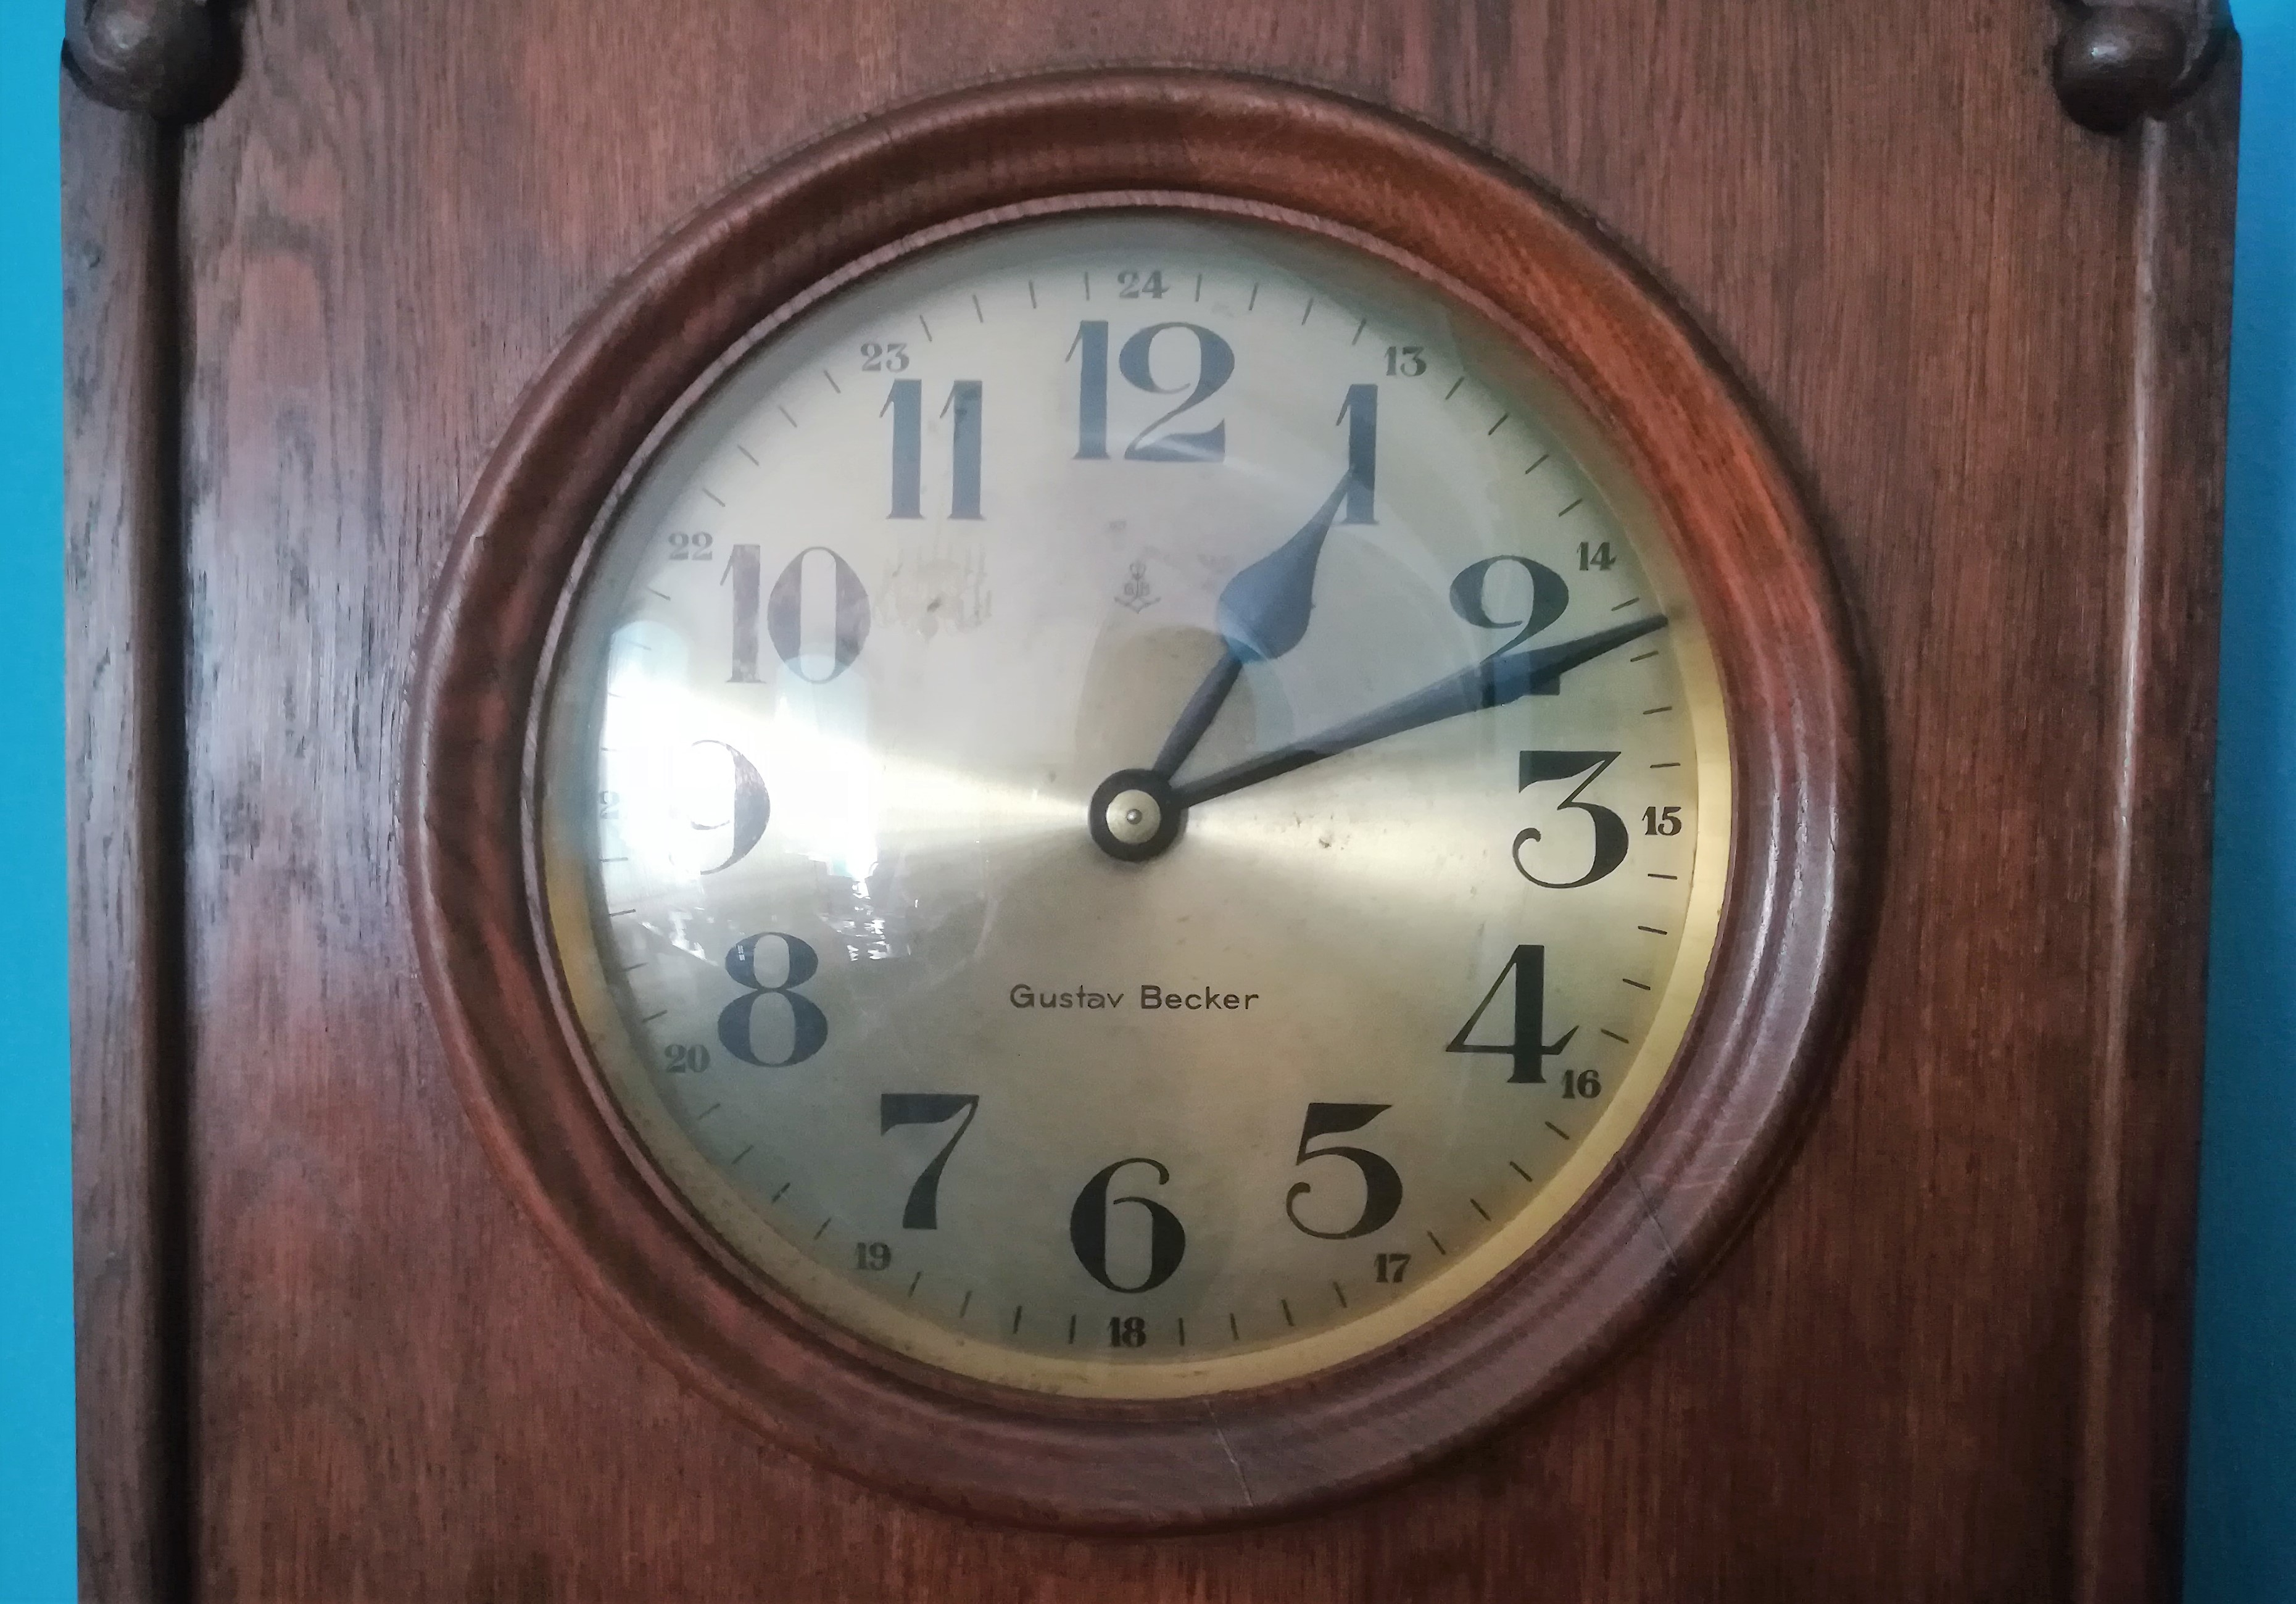 File:Gustav Becker clock in UM Poznan (1) jpg - Wikimedia Commons